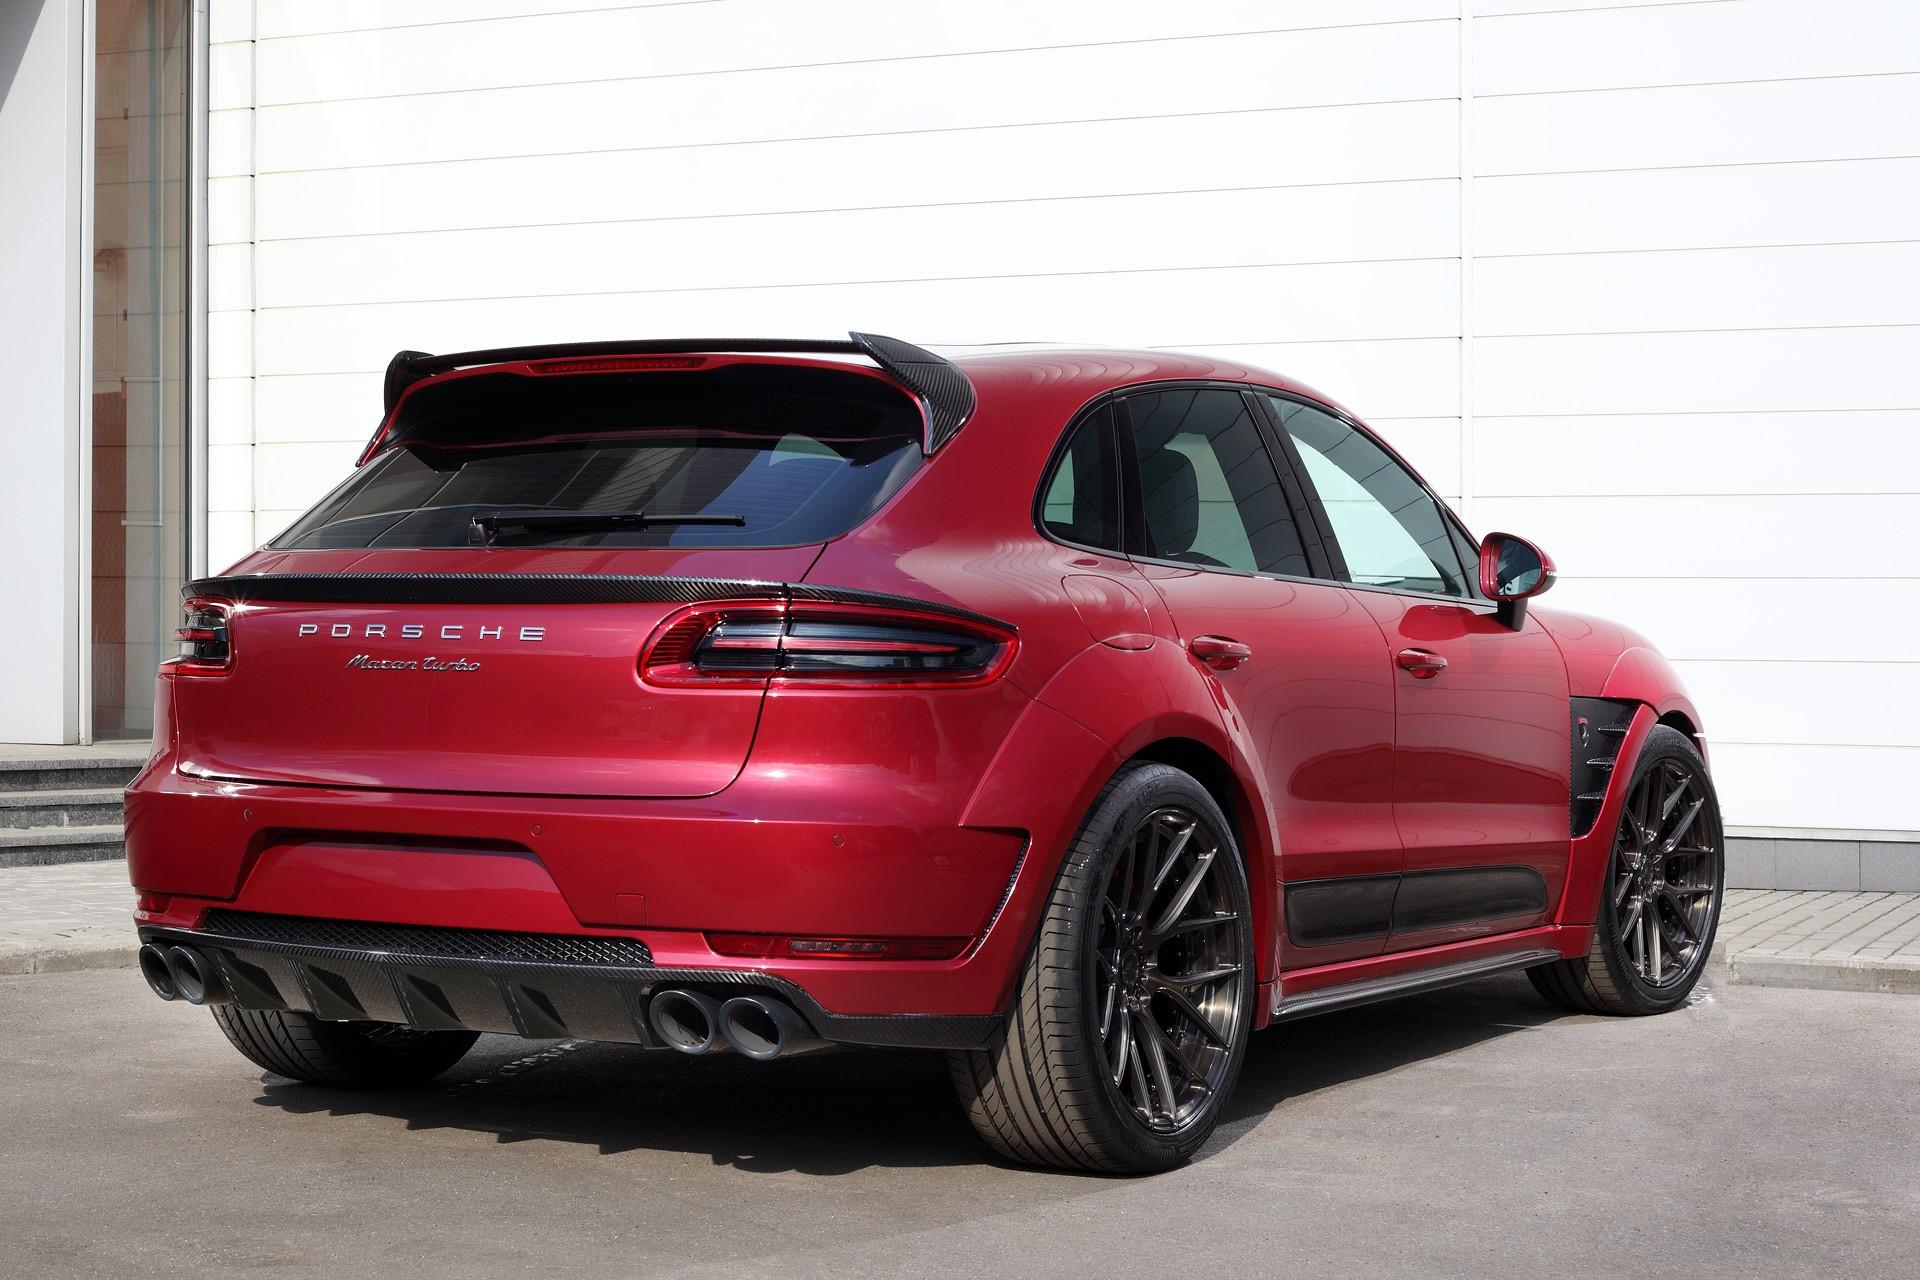 Porsche Macan Ursa Red Topcar